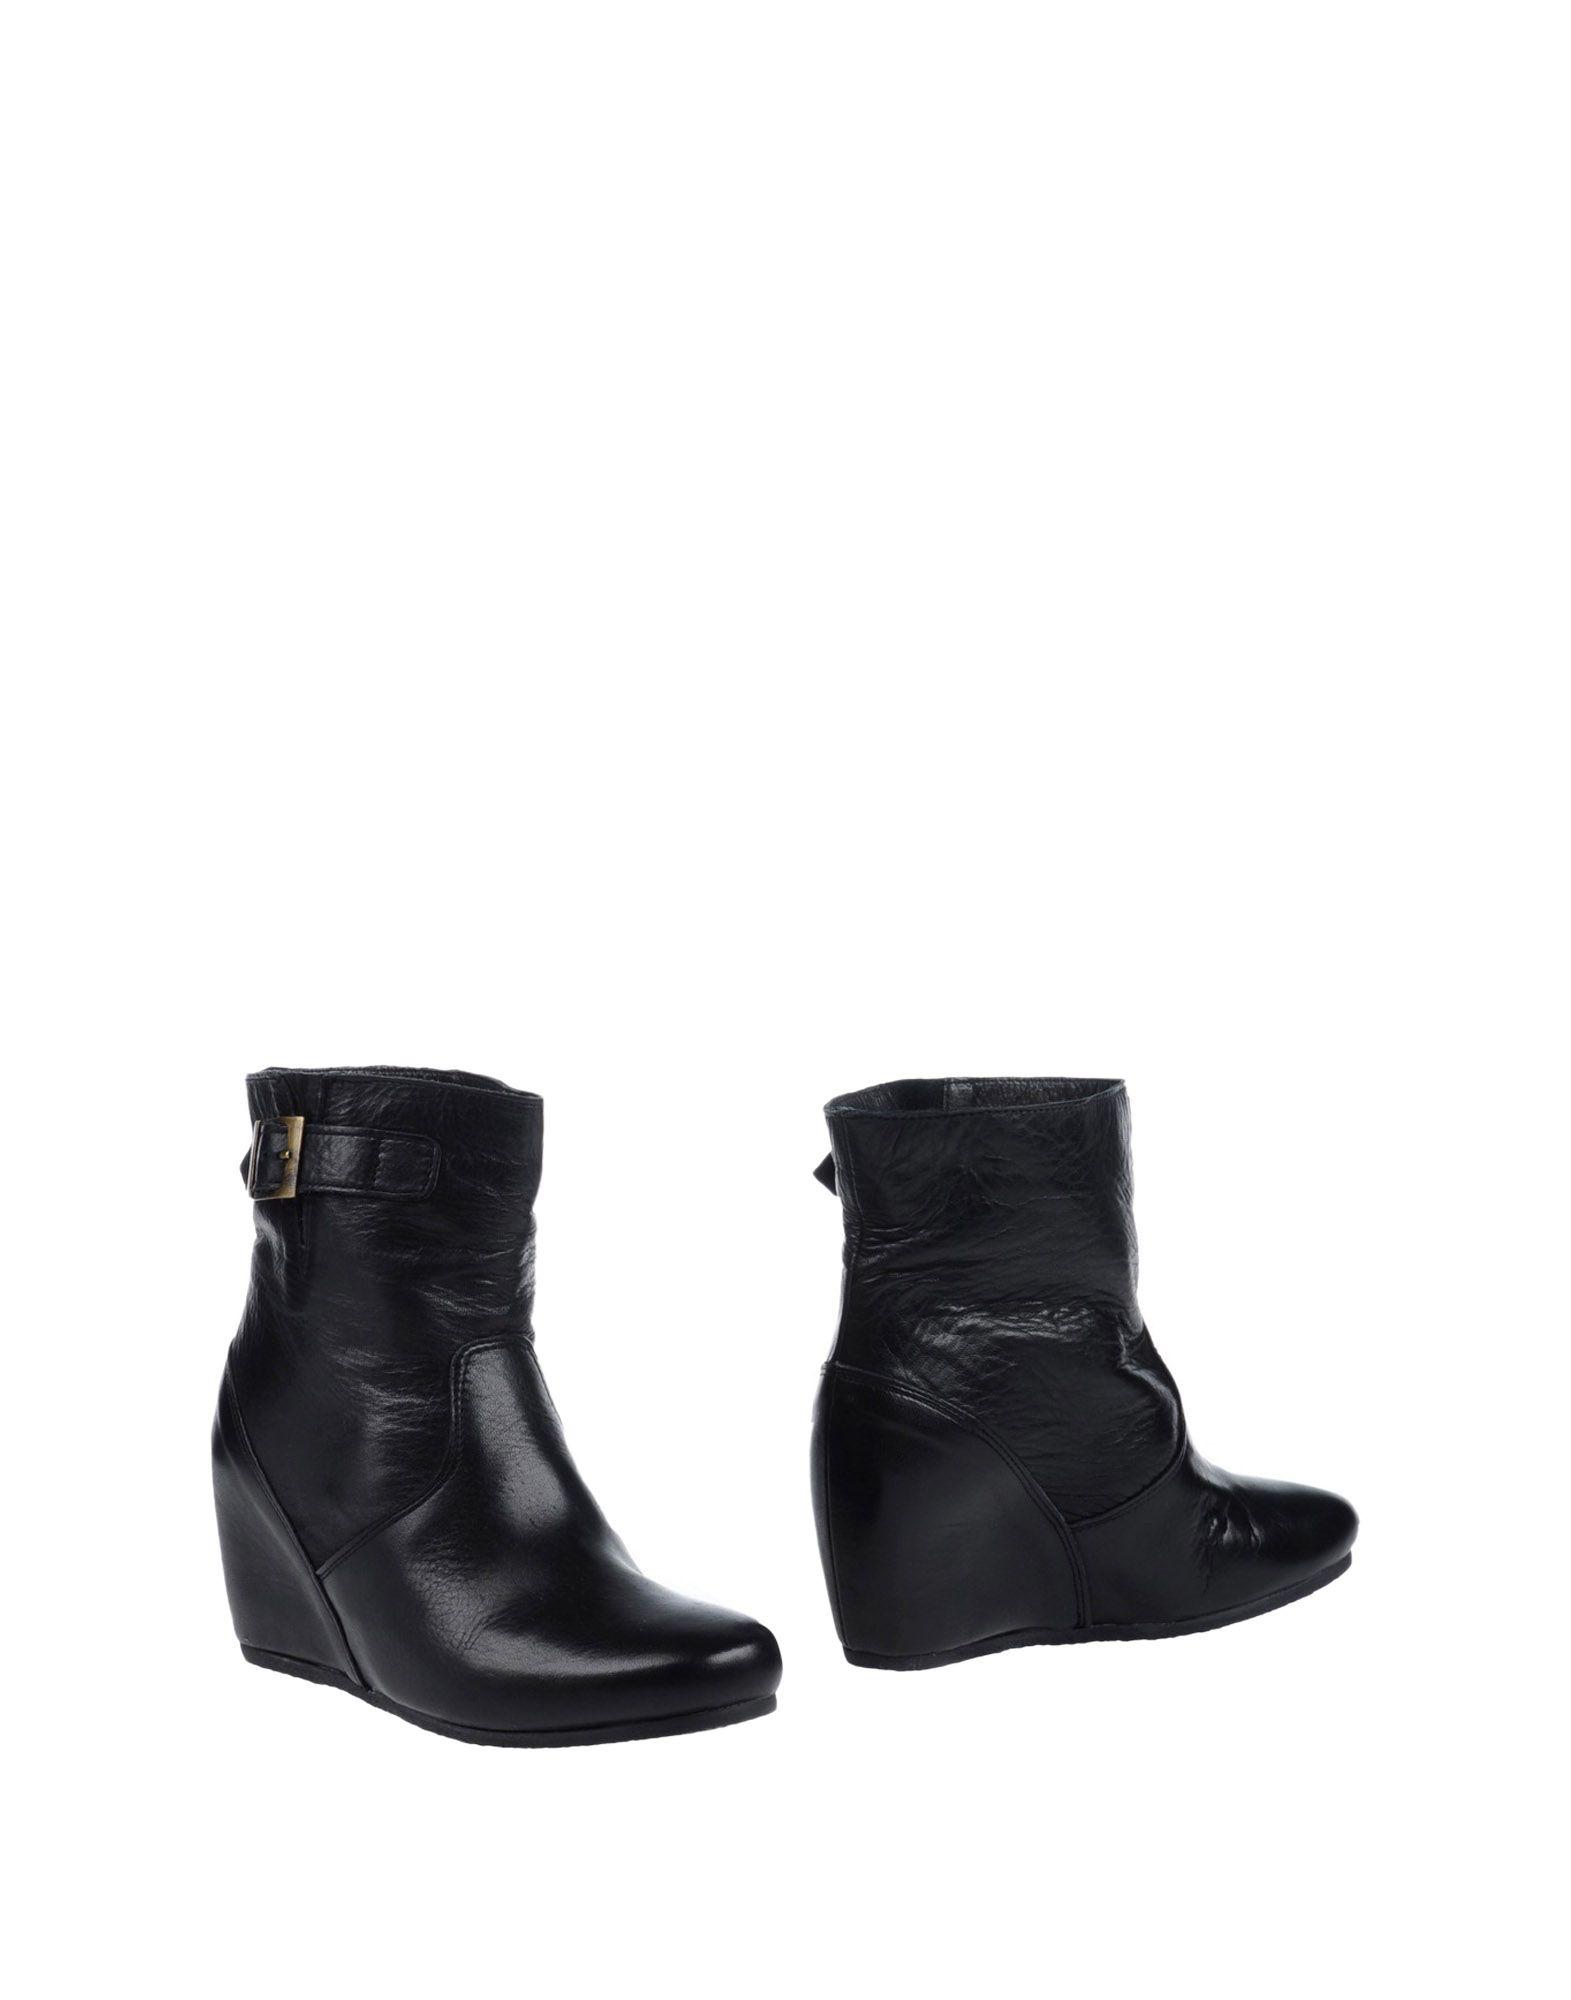 Roberto Della Croce Stiefelette Damen  11268276IL 11268276IL  Gute Qualität beliebte Schuhe 496c04